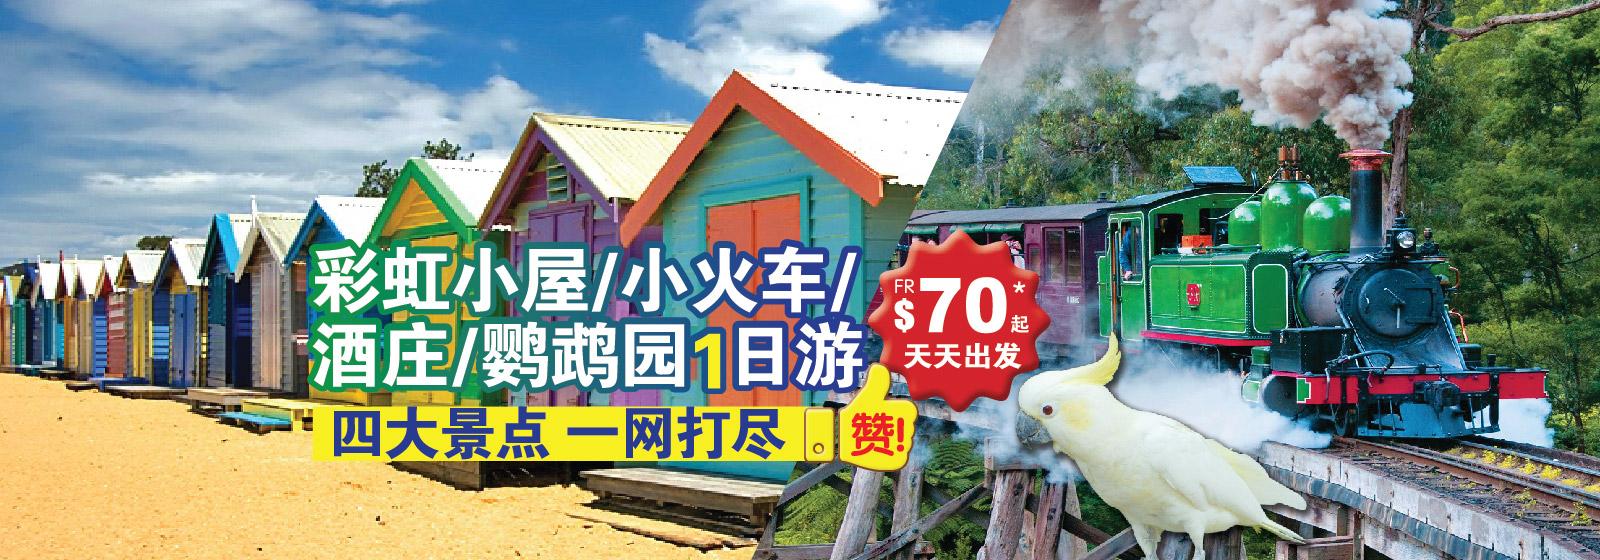 小火车彩虹小屋1日游